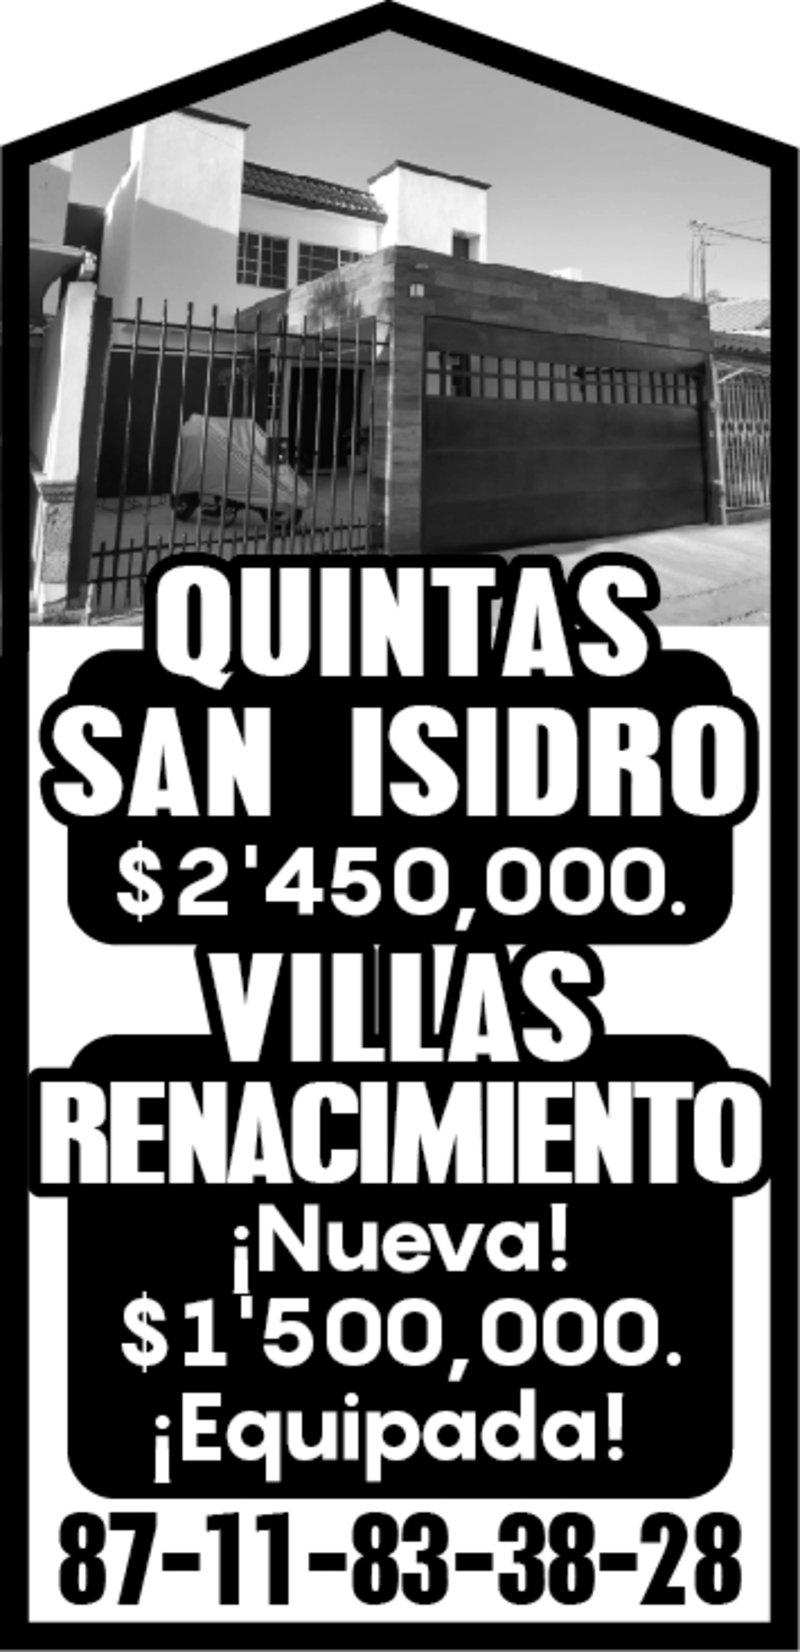 quintas San Isidro $2'450,000. Villas Renacimiento. ¡Nueva! $1'500,000. ¡Equipada! 87-11-83-38-28.